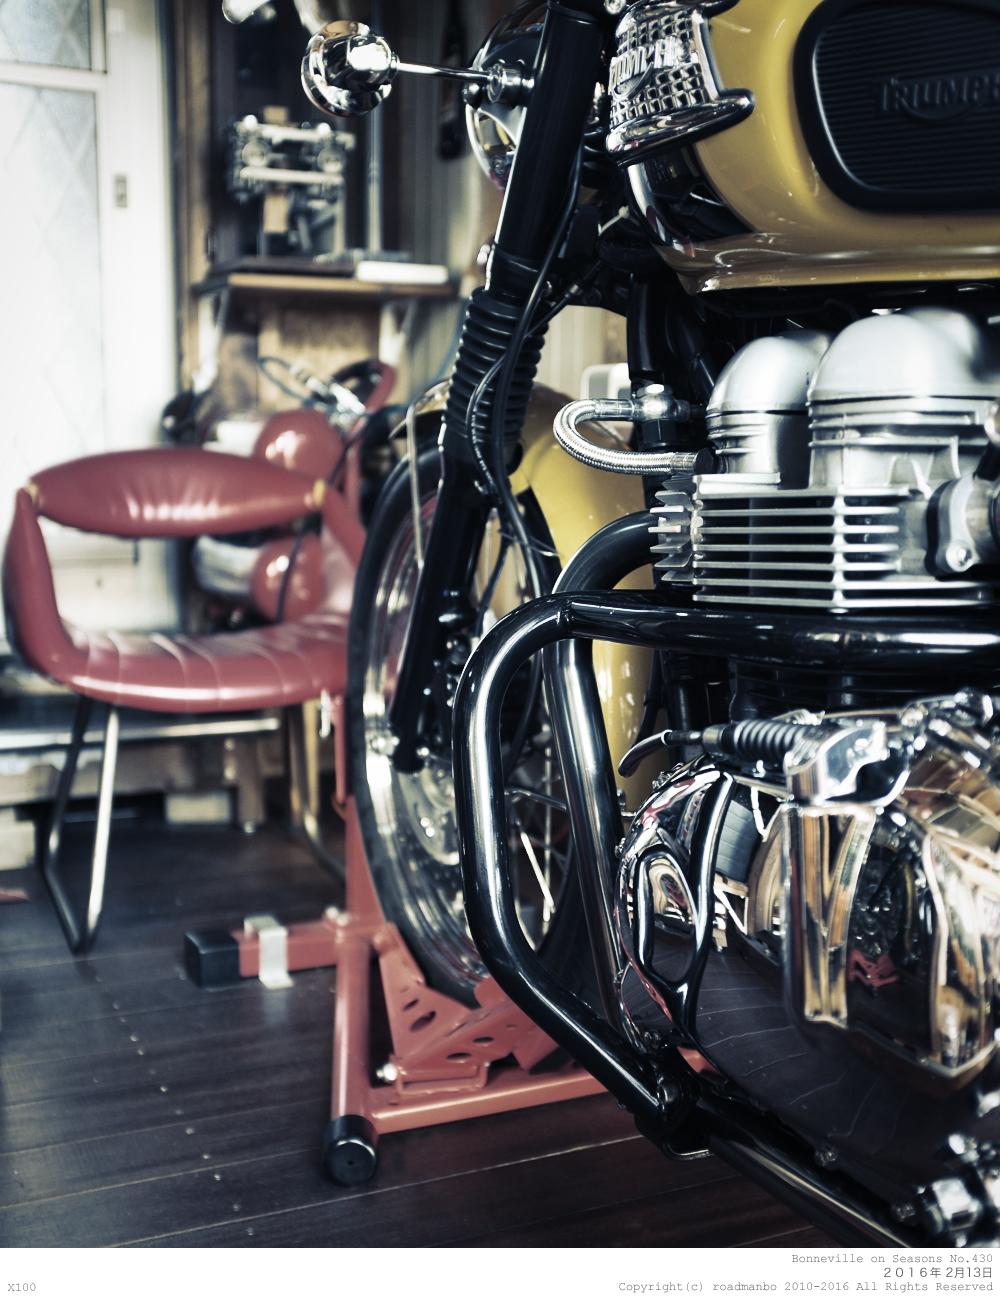 ボンネビル寸景 #430: 休みの日にはコーヒーを淹れてガレージで過ごす。